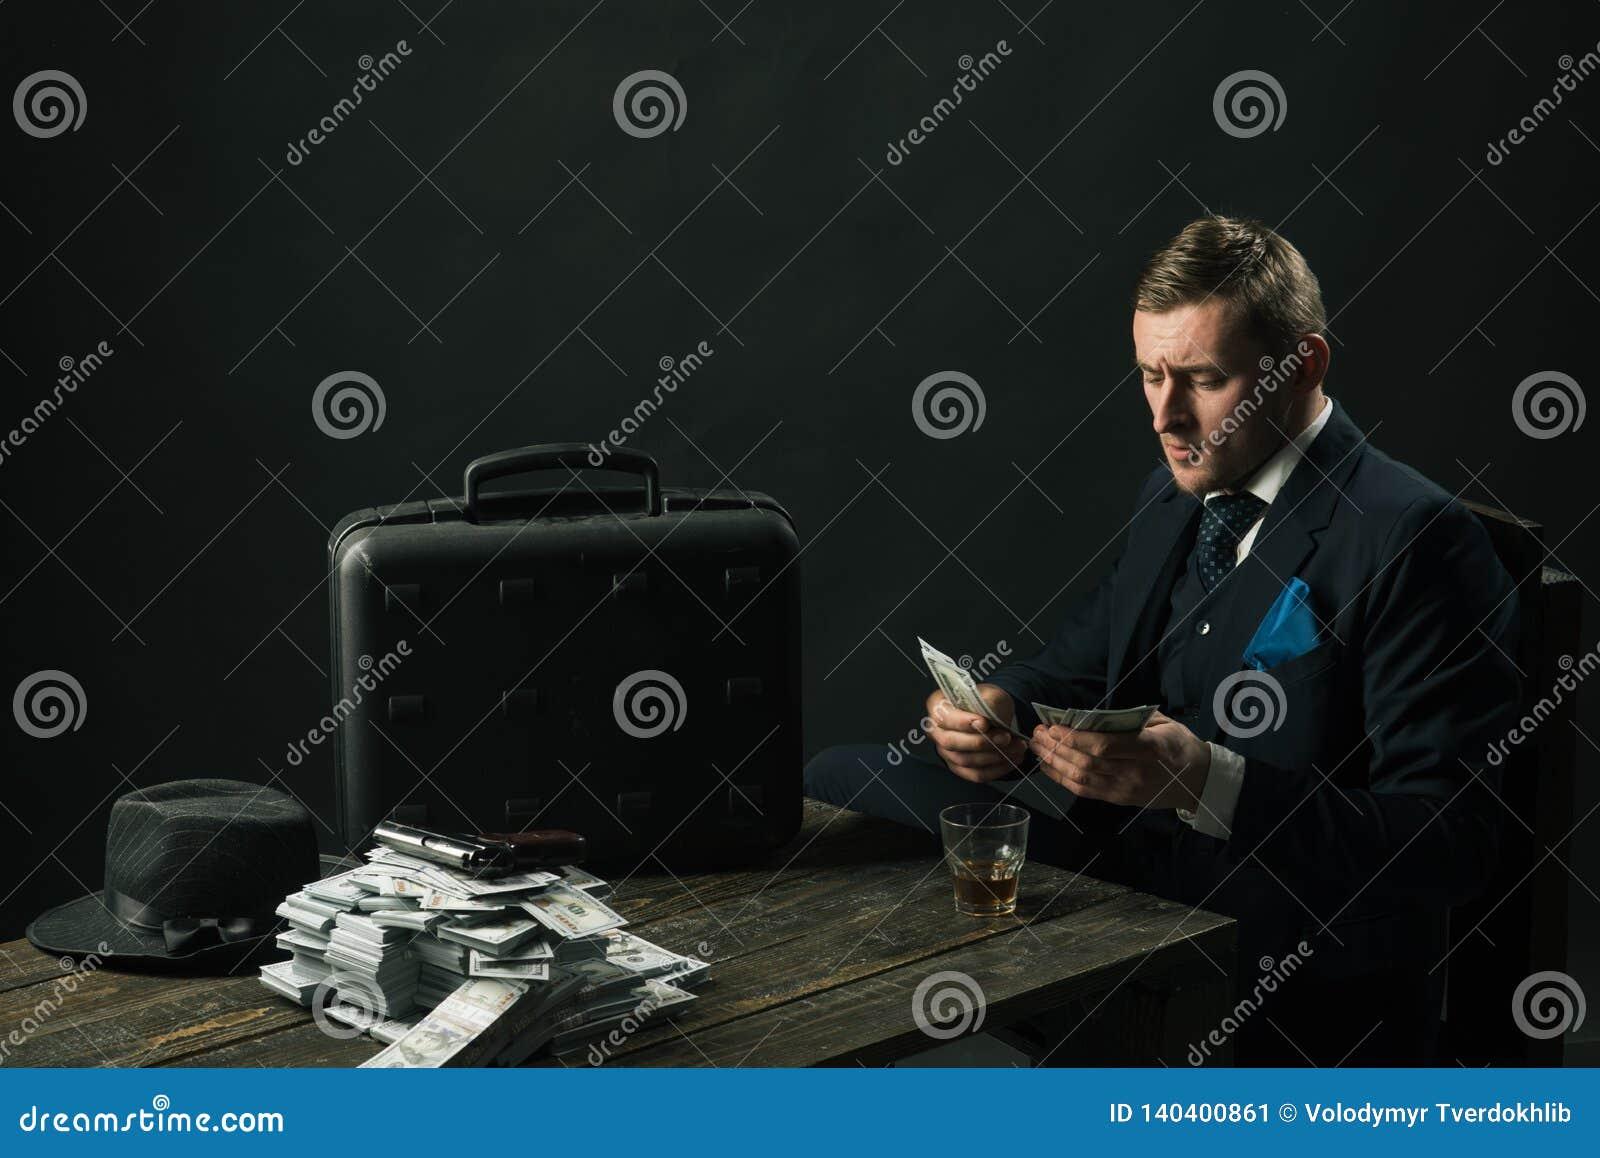 Mężczyzna w kostiumu mafia robienie pieniędzy Pieniądze transakcja Biznesmen praca w księgowego biurze małego biznesu pojęcie